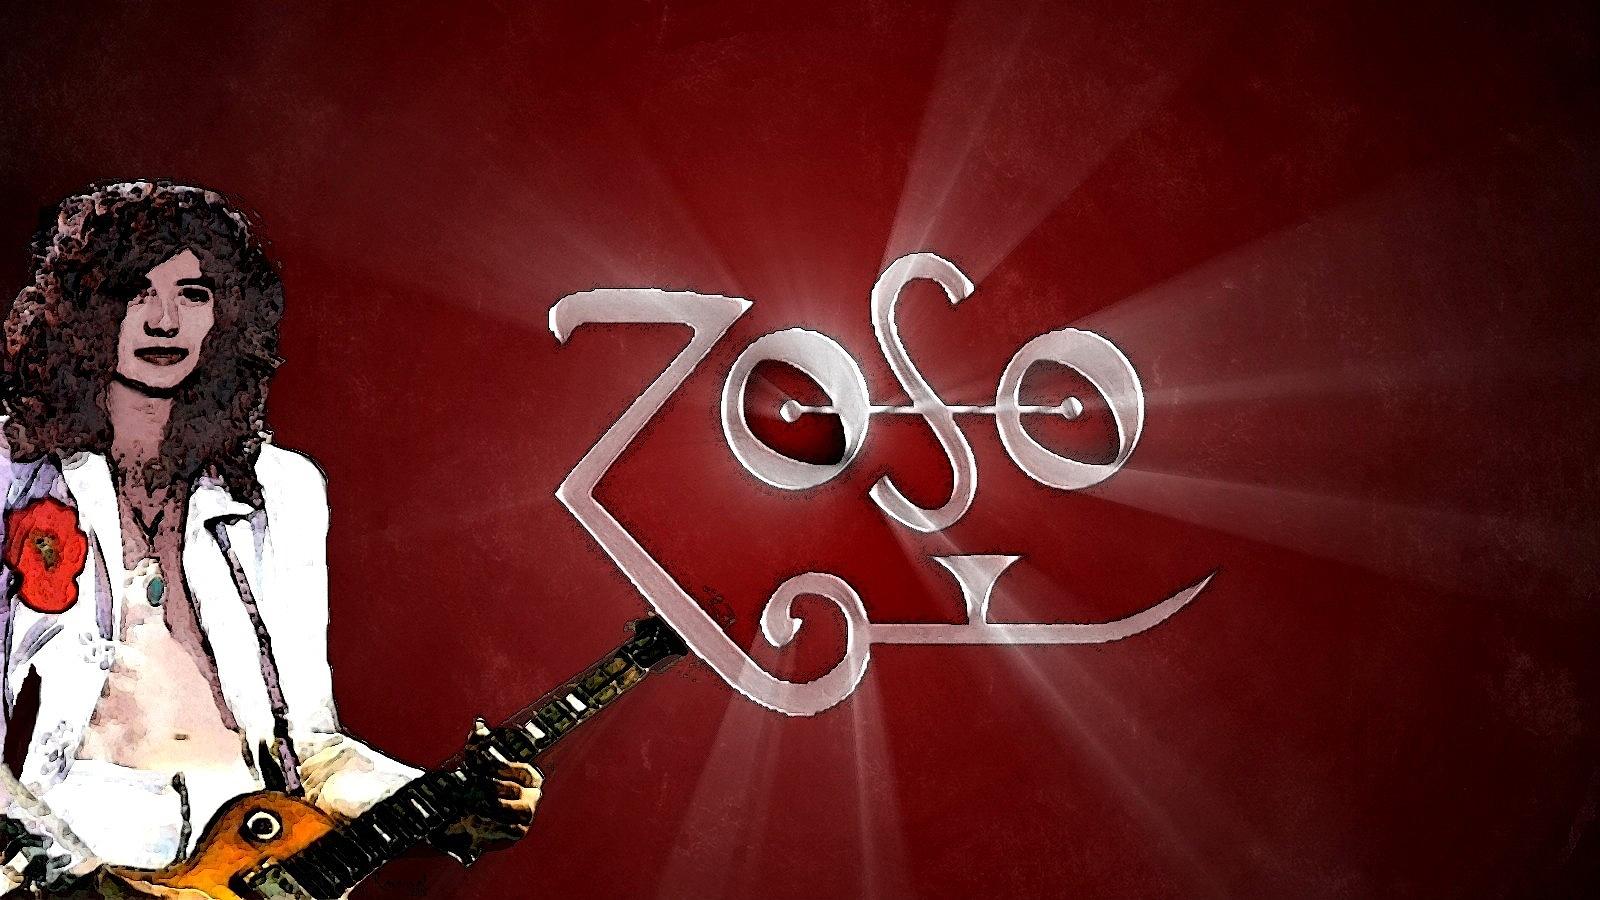 Jimmy Page - ZOSO by Ravenval